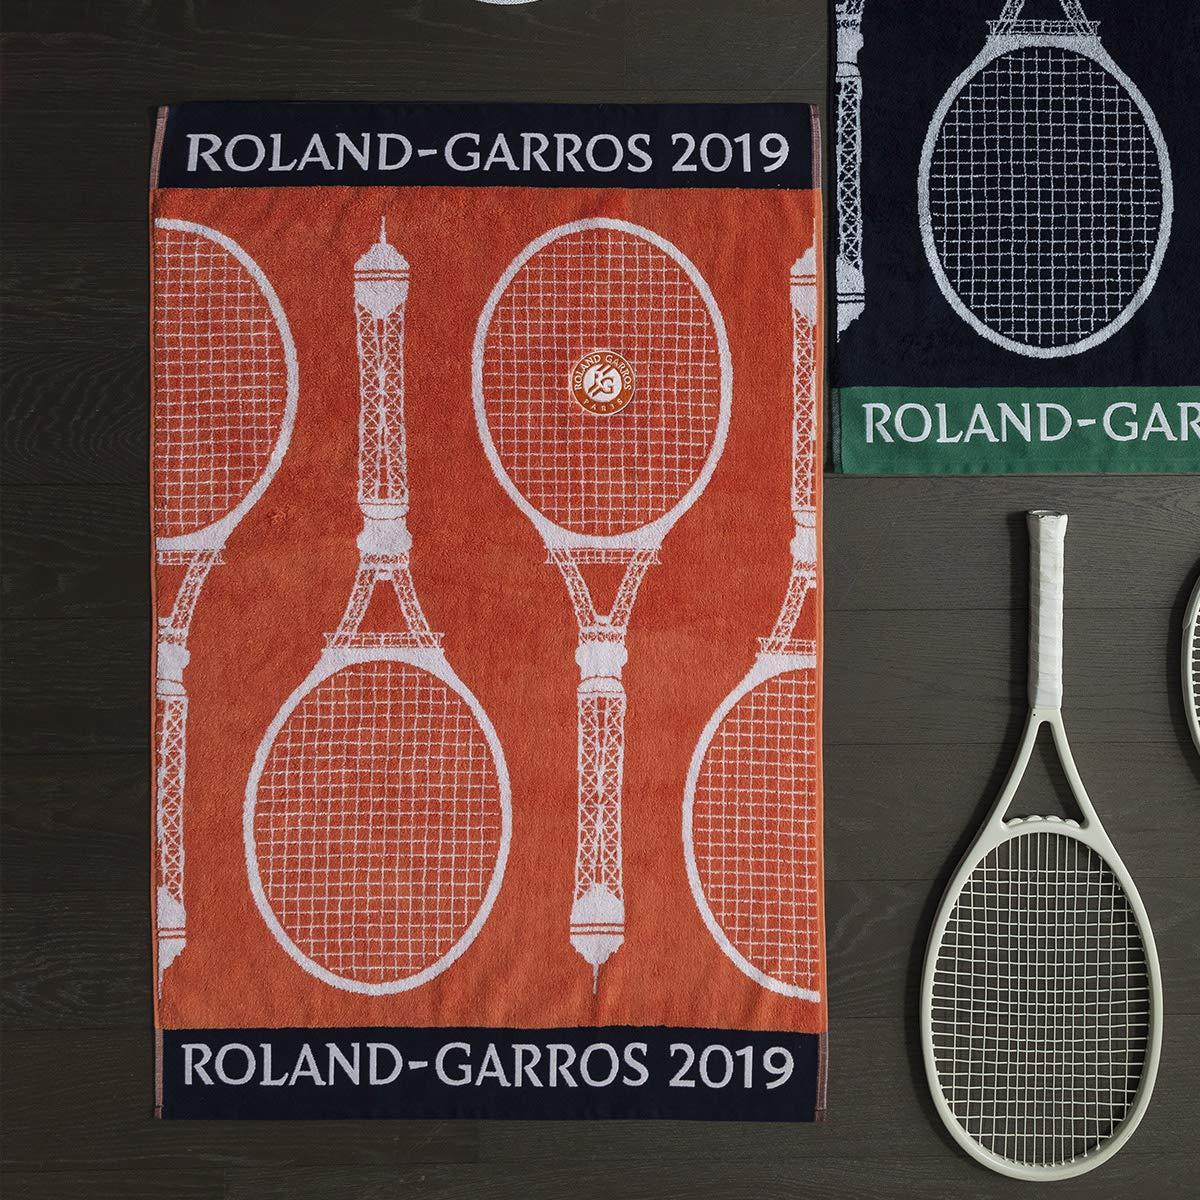 Toalla jugadora Roland Garros 2019 - Tierra Ladrillo, Terre Battue, Talla única: Amazon.es: Hogar